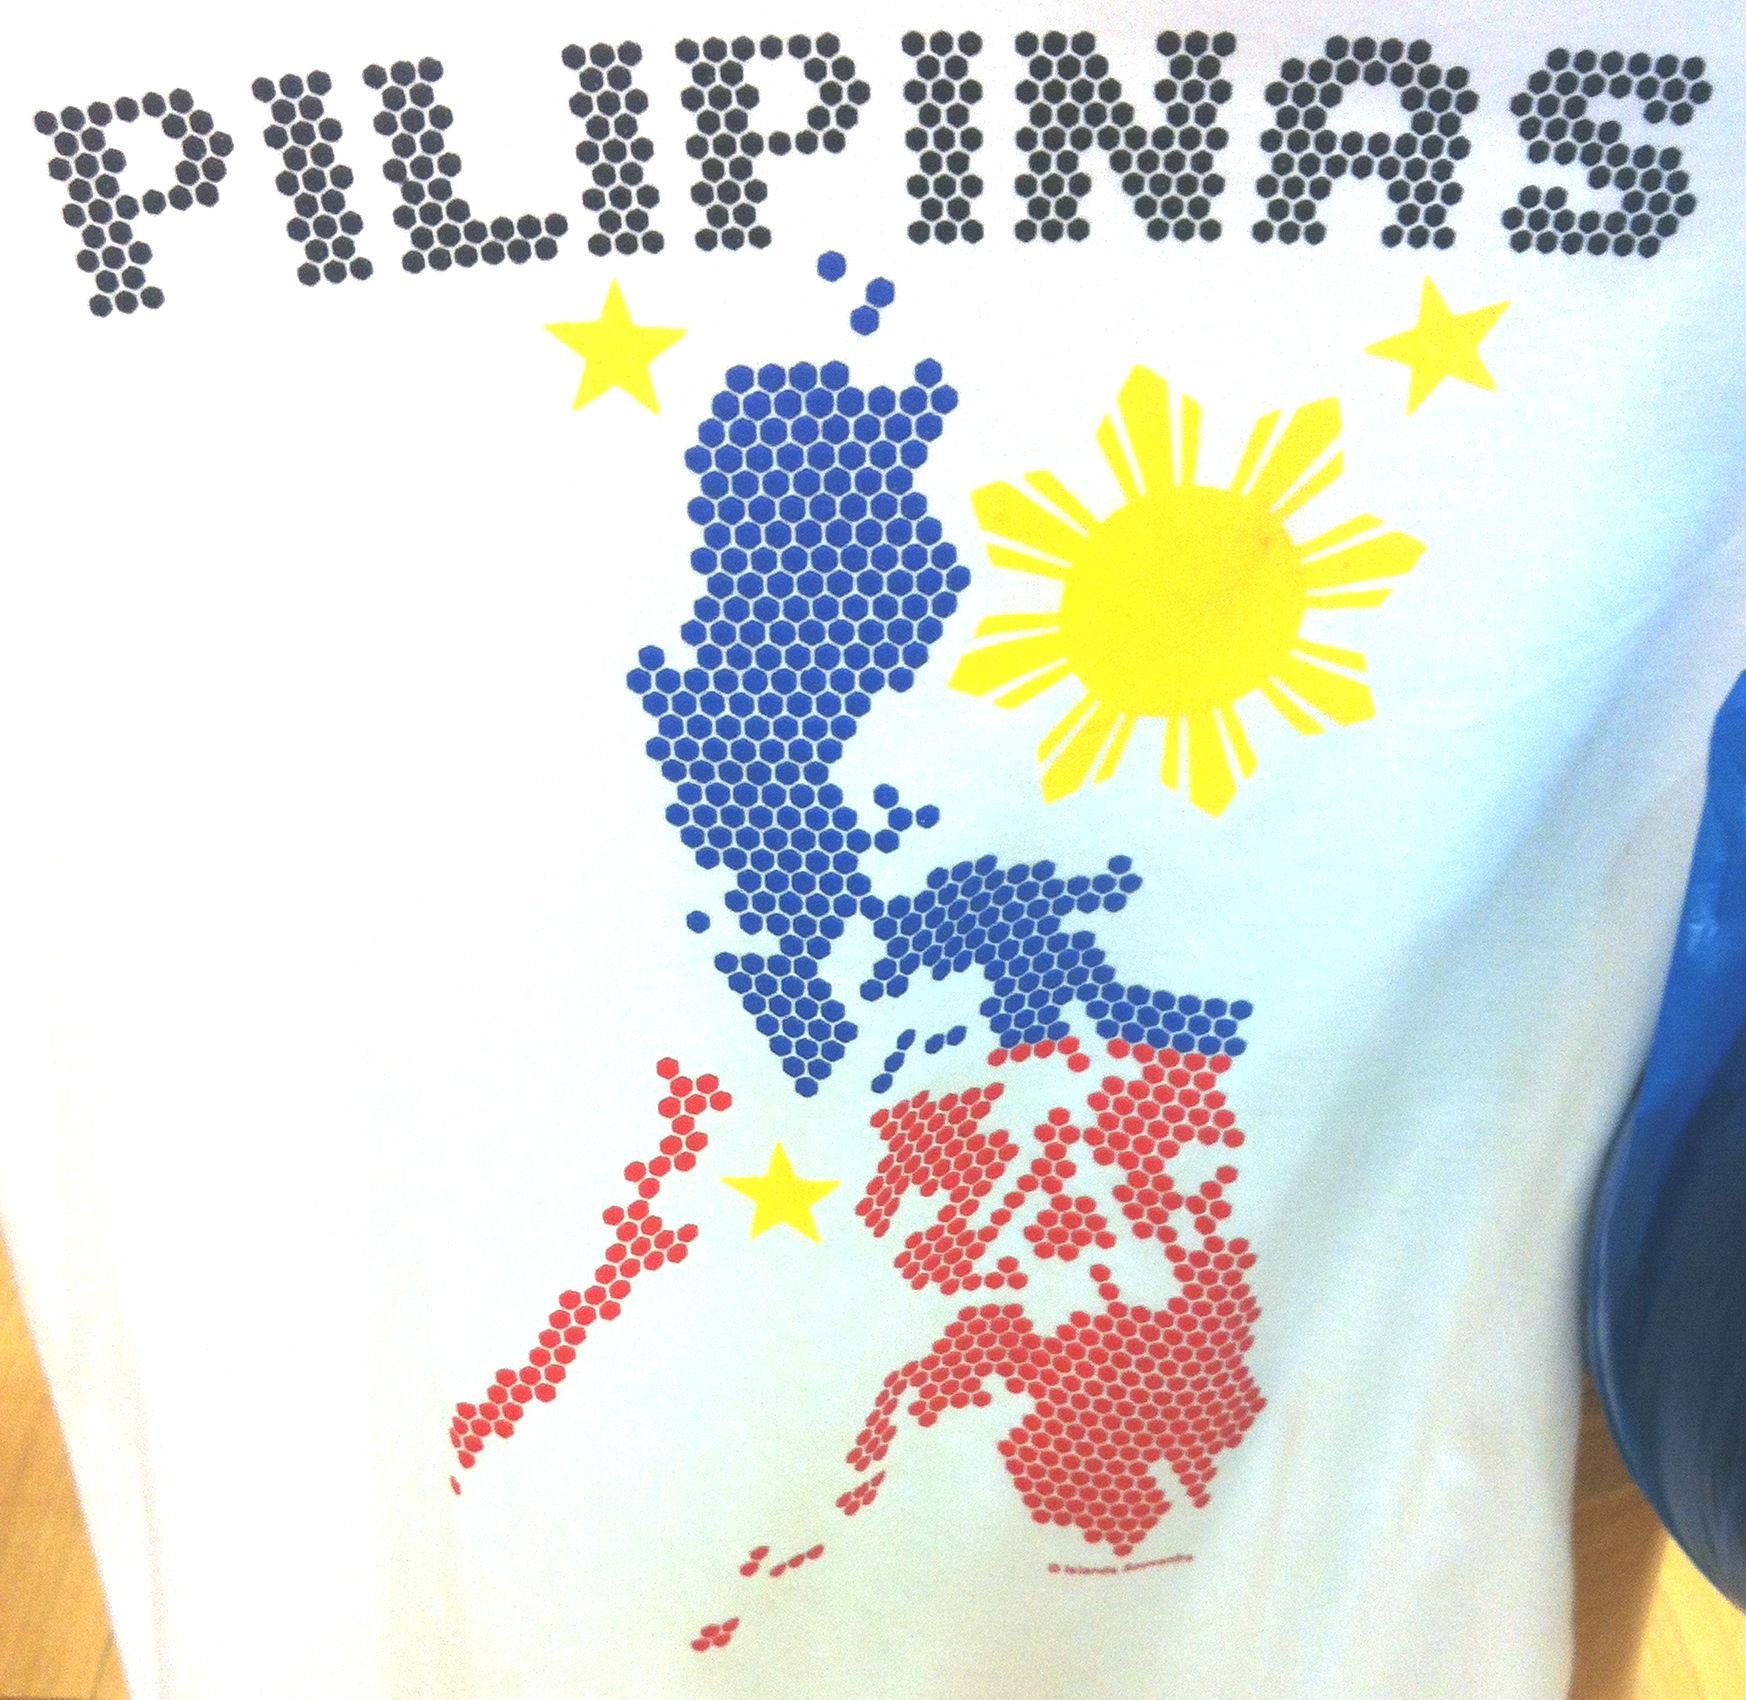 フィリピンの国名と由来イメージ